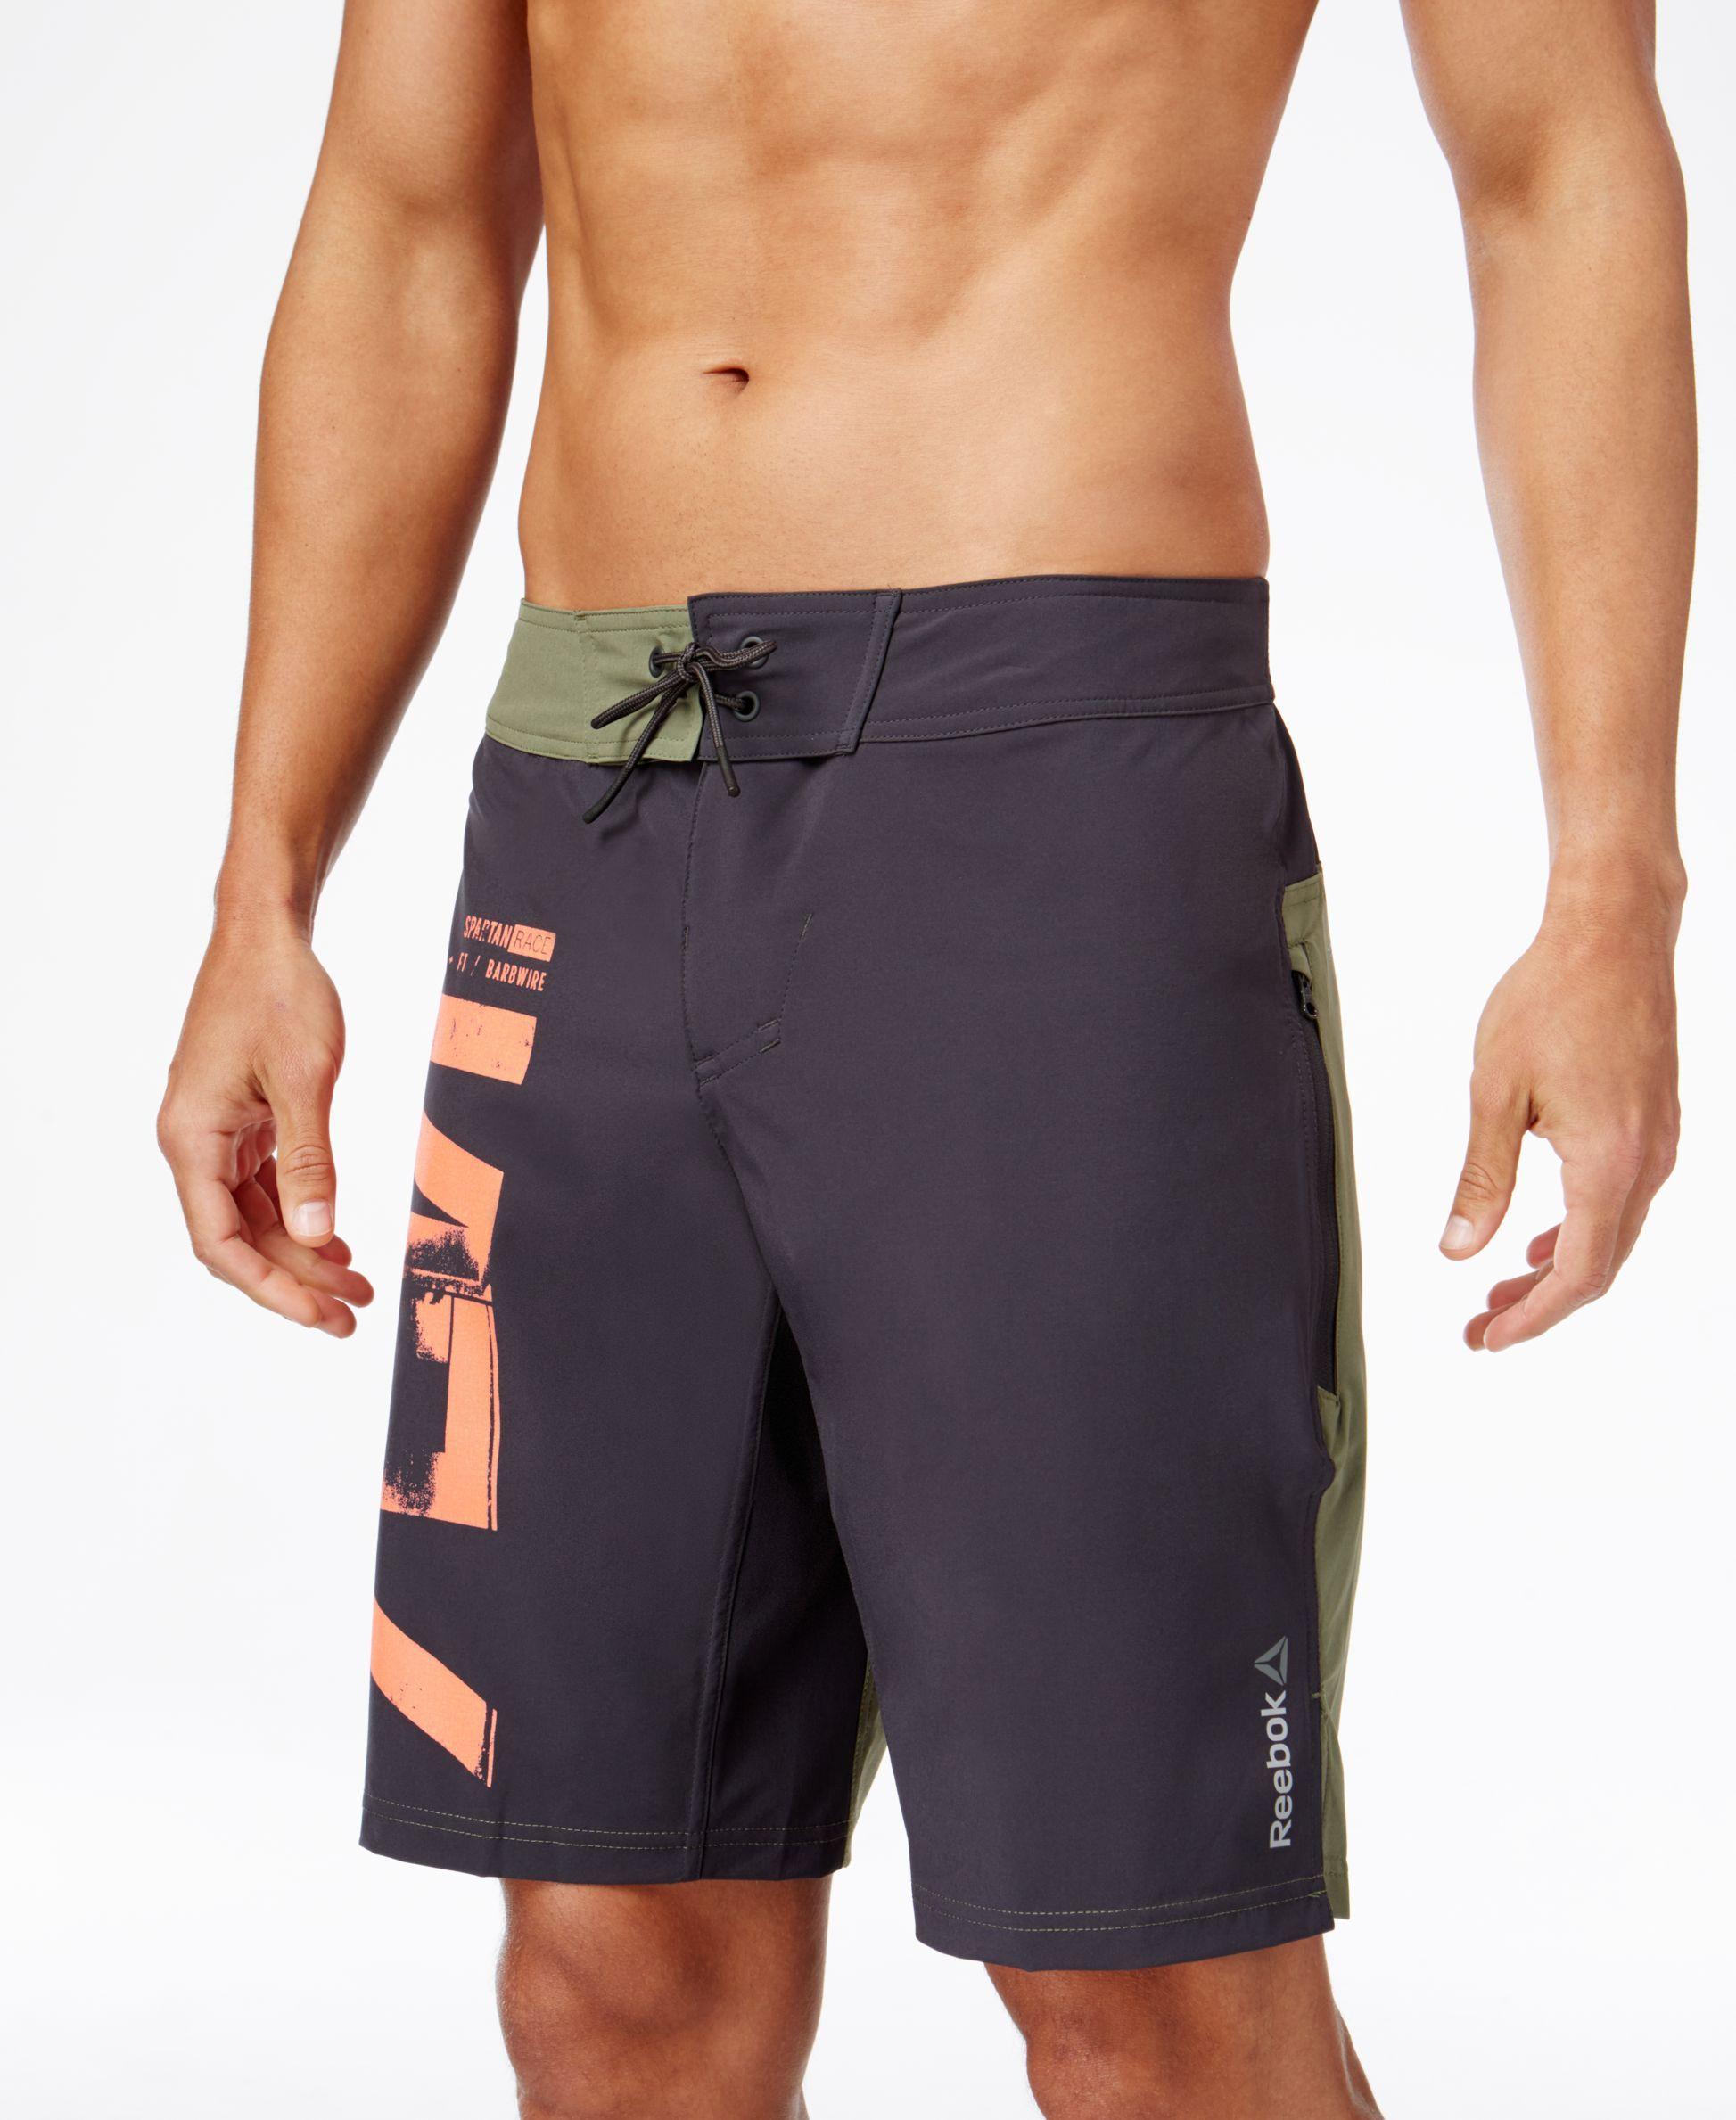 25849ac131 Reebok Men's Spartan Race Speedwick Board Shorts | GeT iT. | Spartan ...